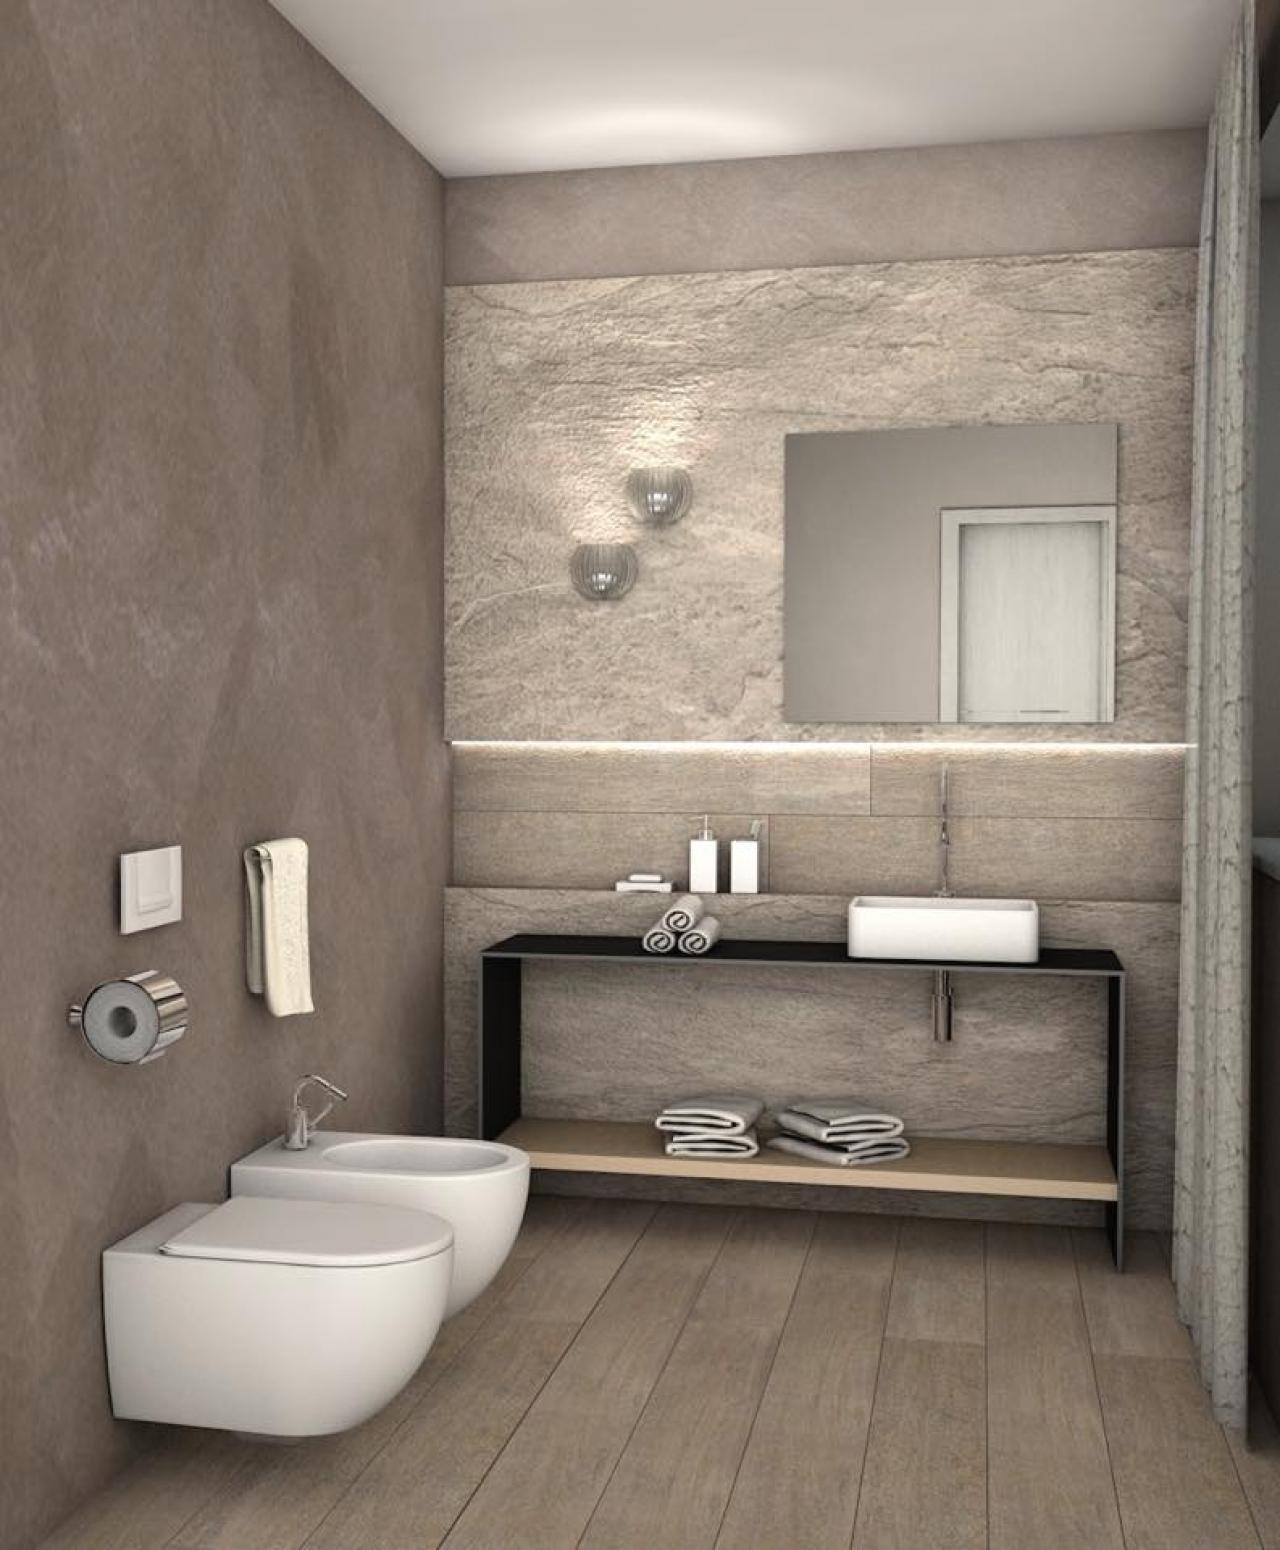 Stili bagno guida fotografica per scegliere arredi e rivestimenti fratelli pellizzari - Alternativa piastrelle bagno ...